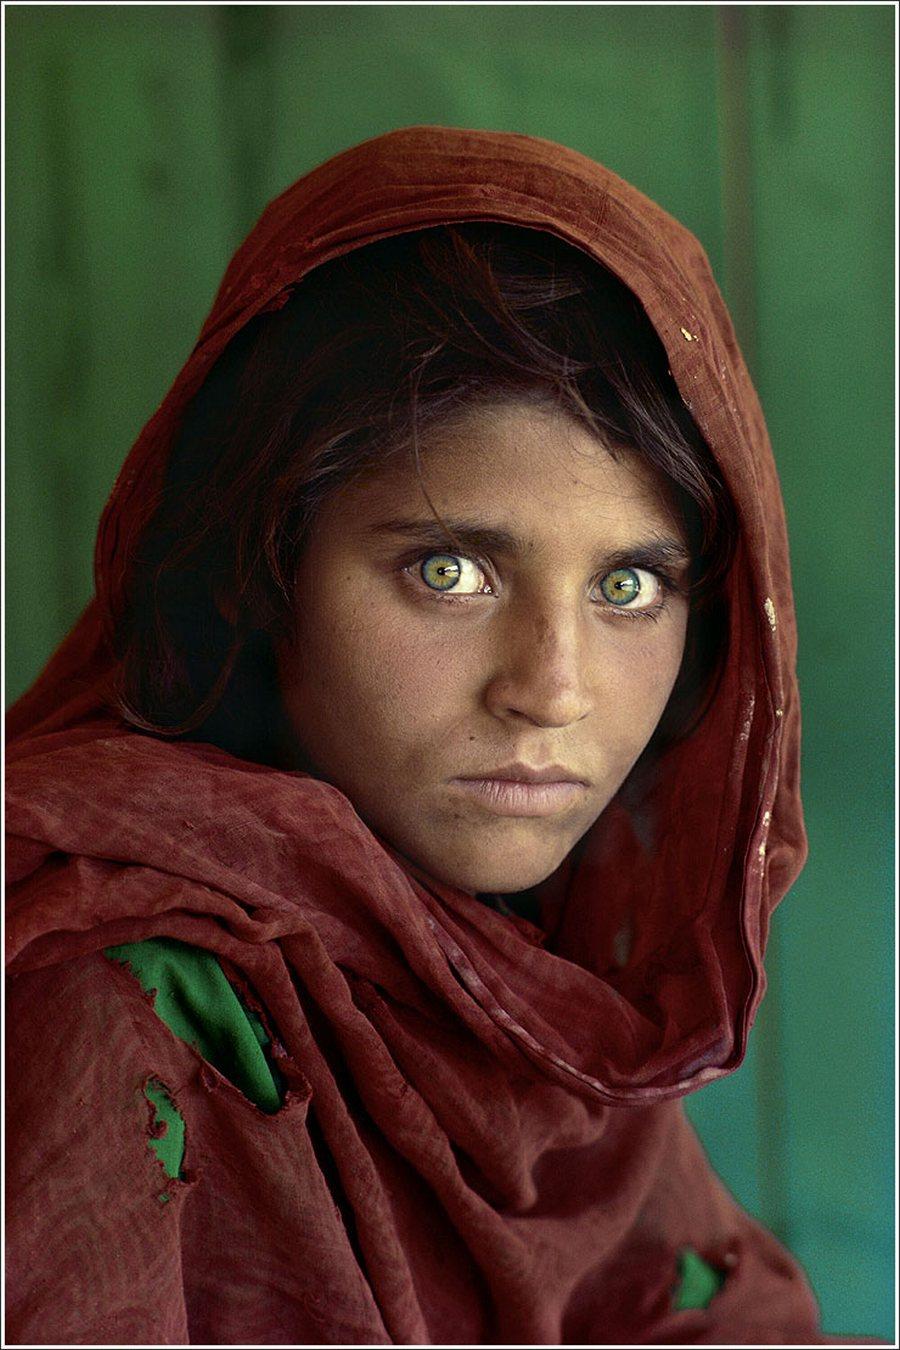 1) Афганская девочка. Это фото вошло в проект National Geographic «Зеленые глаза». Считается, что зеленые глаза, как генетическая особенность, появились во время монголов, правления Чингисхана. На фотографии запечатлена Шарбат Гула. Дата: 1985. Фотограф: Steve McCurry, National Geographic.